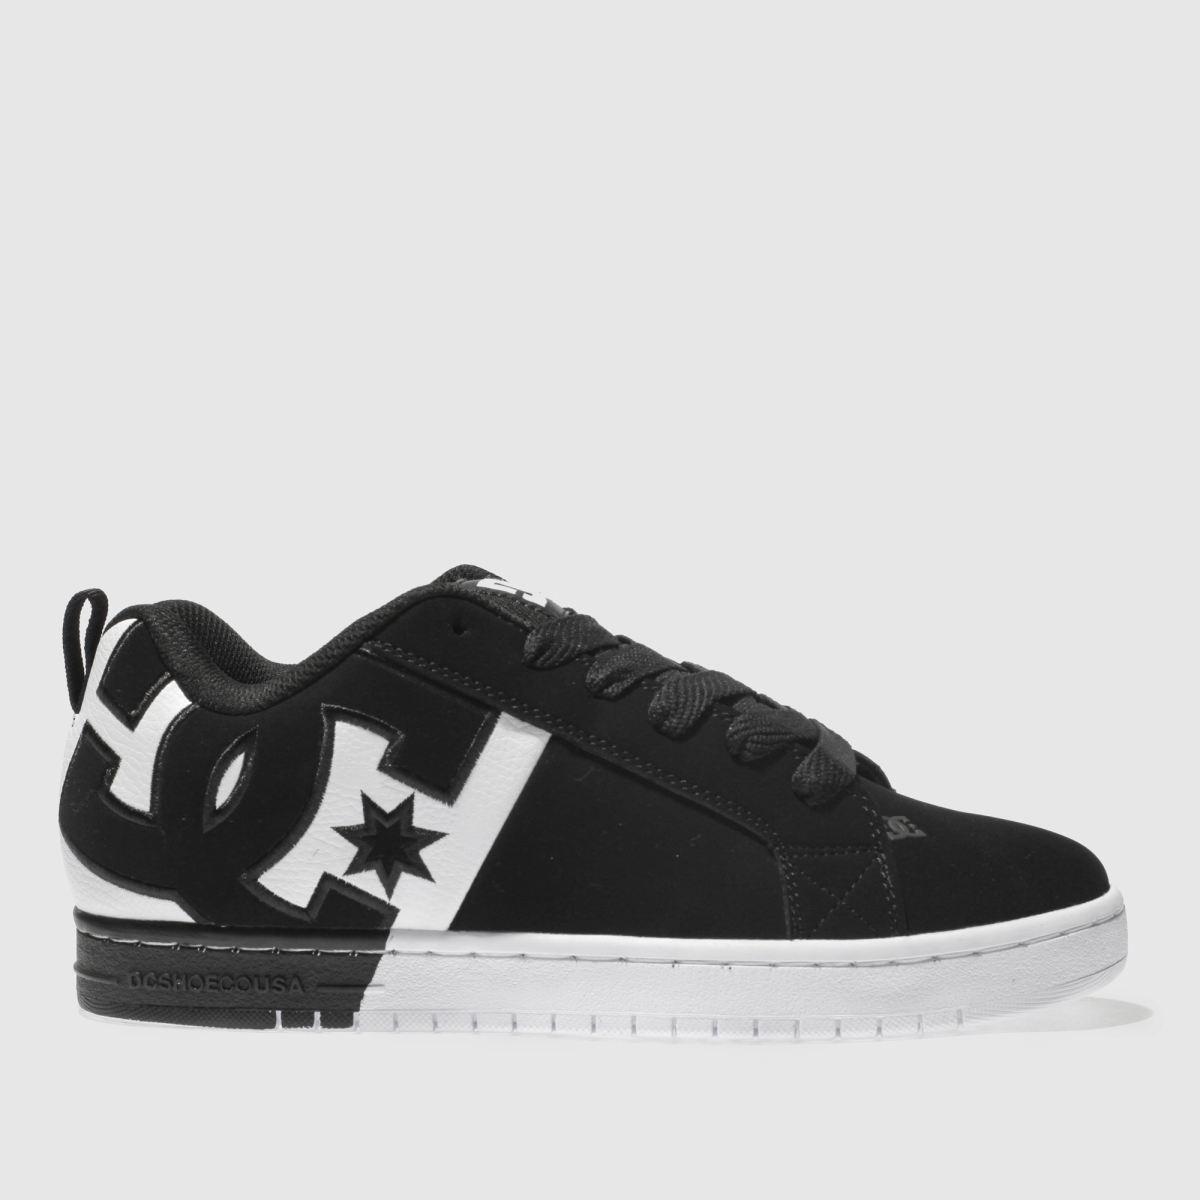 Dc Shoes Black & White Dc Court Graffik Sq Trainers